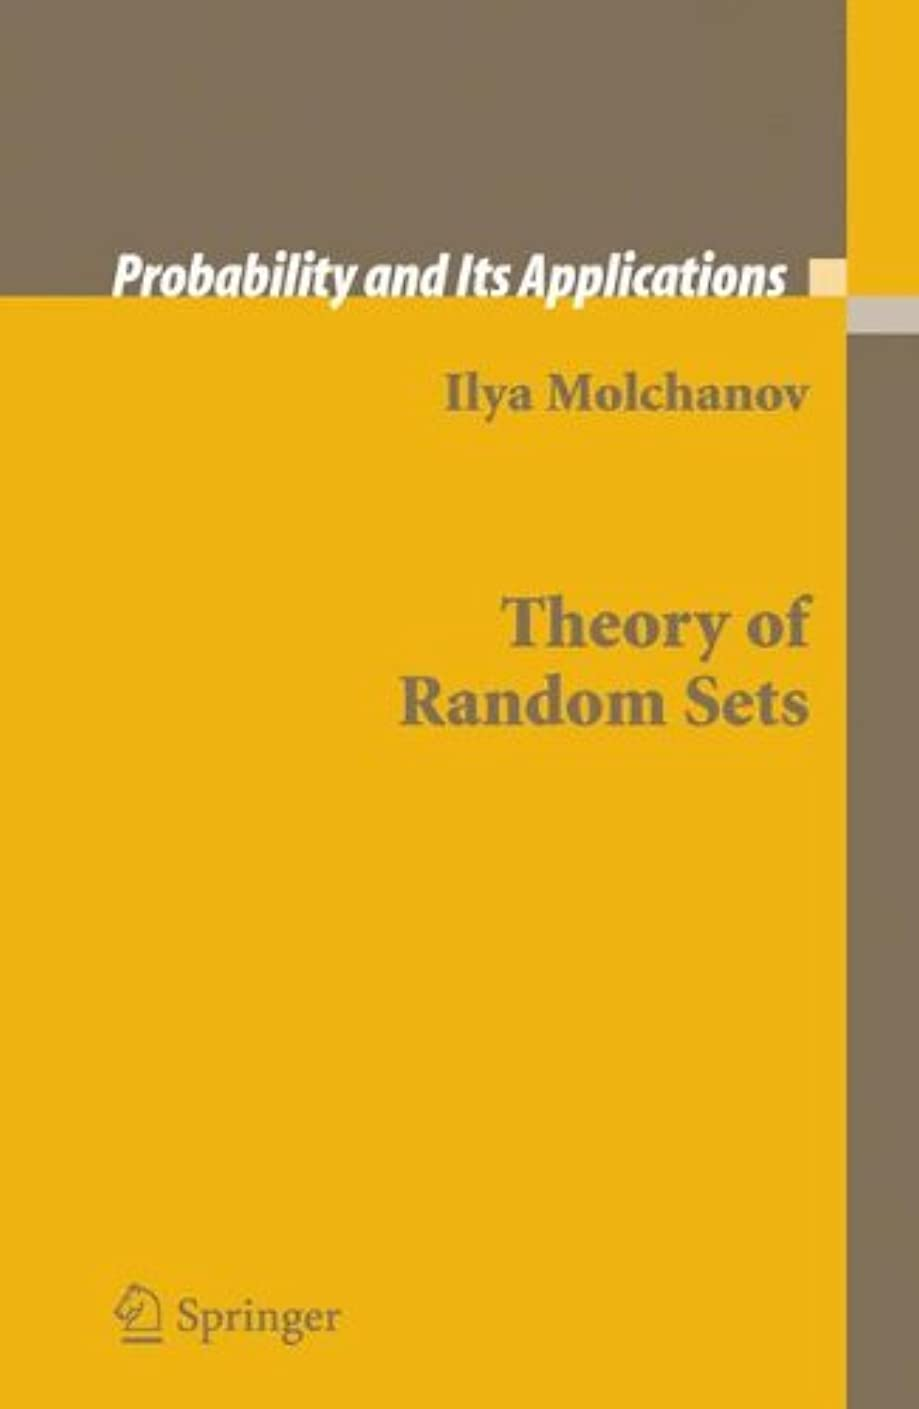 気まぐれな摂動に向かってTheory of Random Sets (Probability and Its Applications)